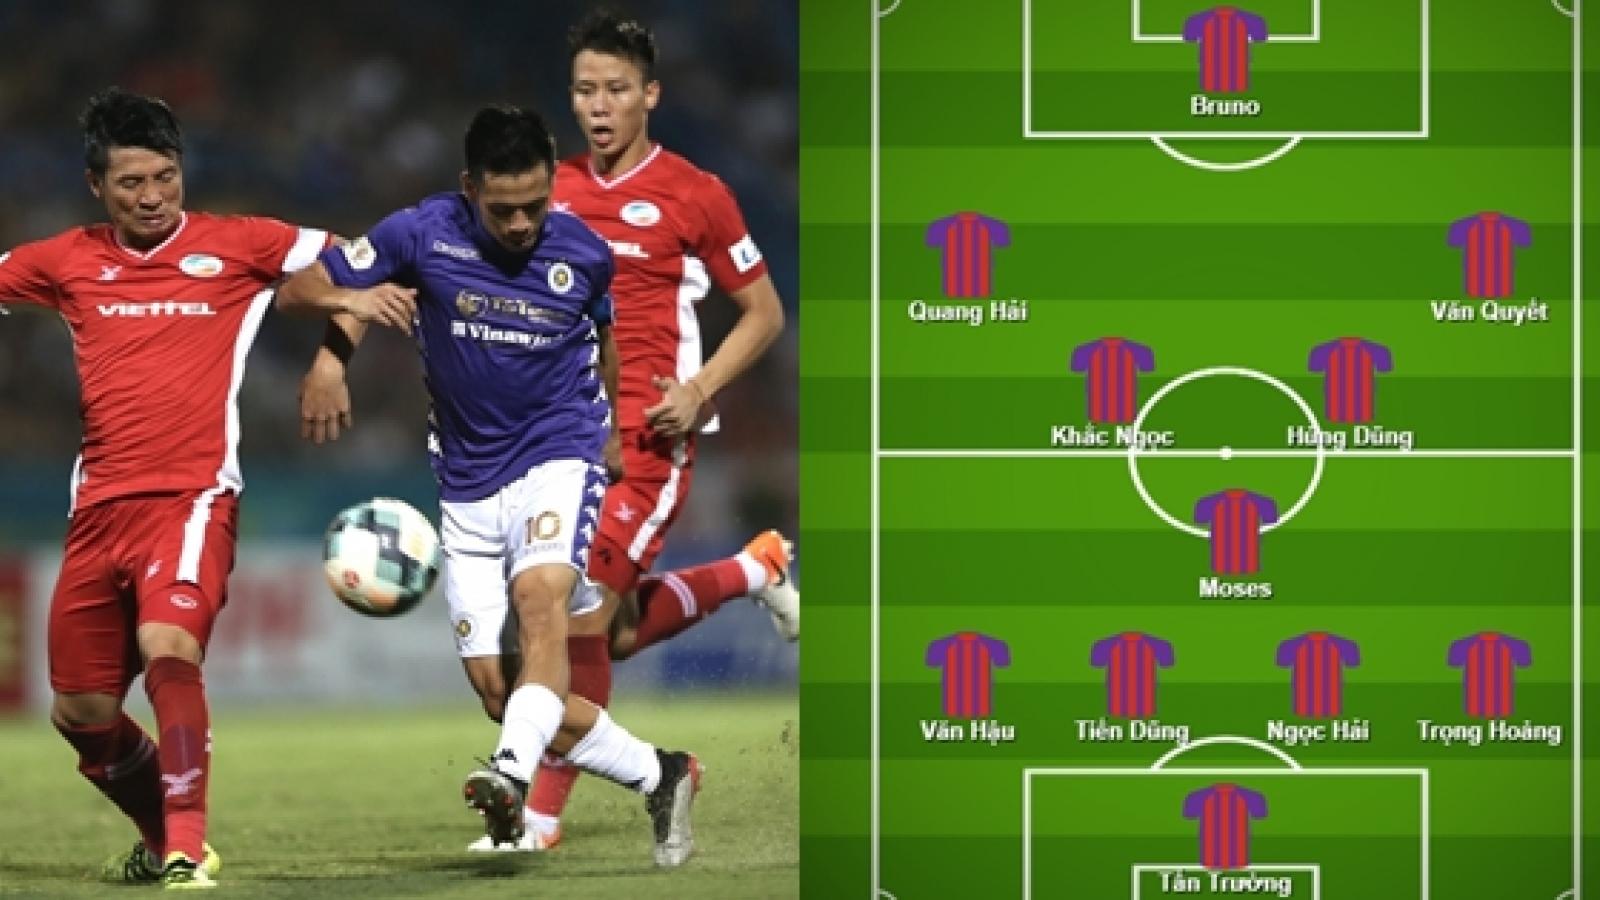 Đội hình kết hợp trong mơ giữa Viettel và Hà Nội FC